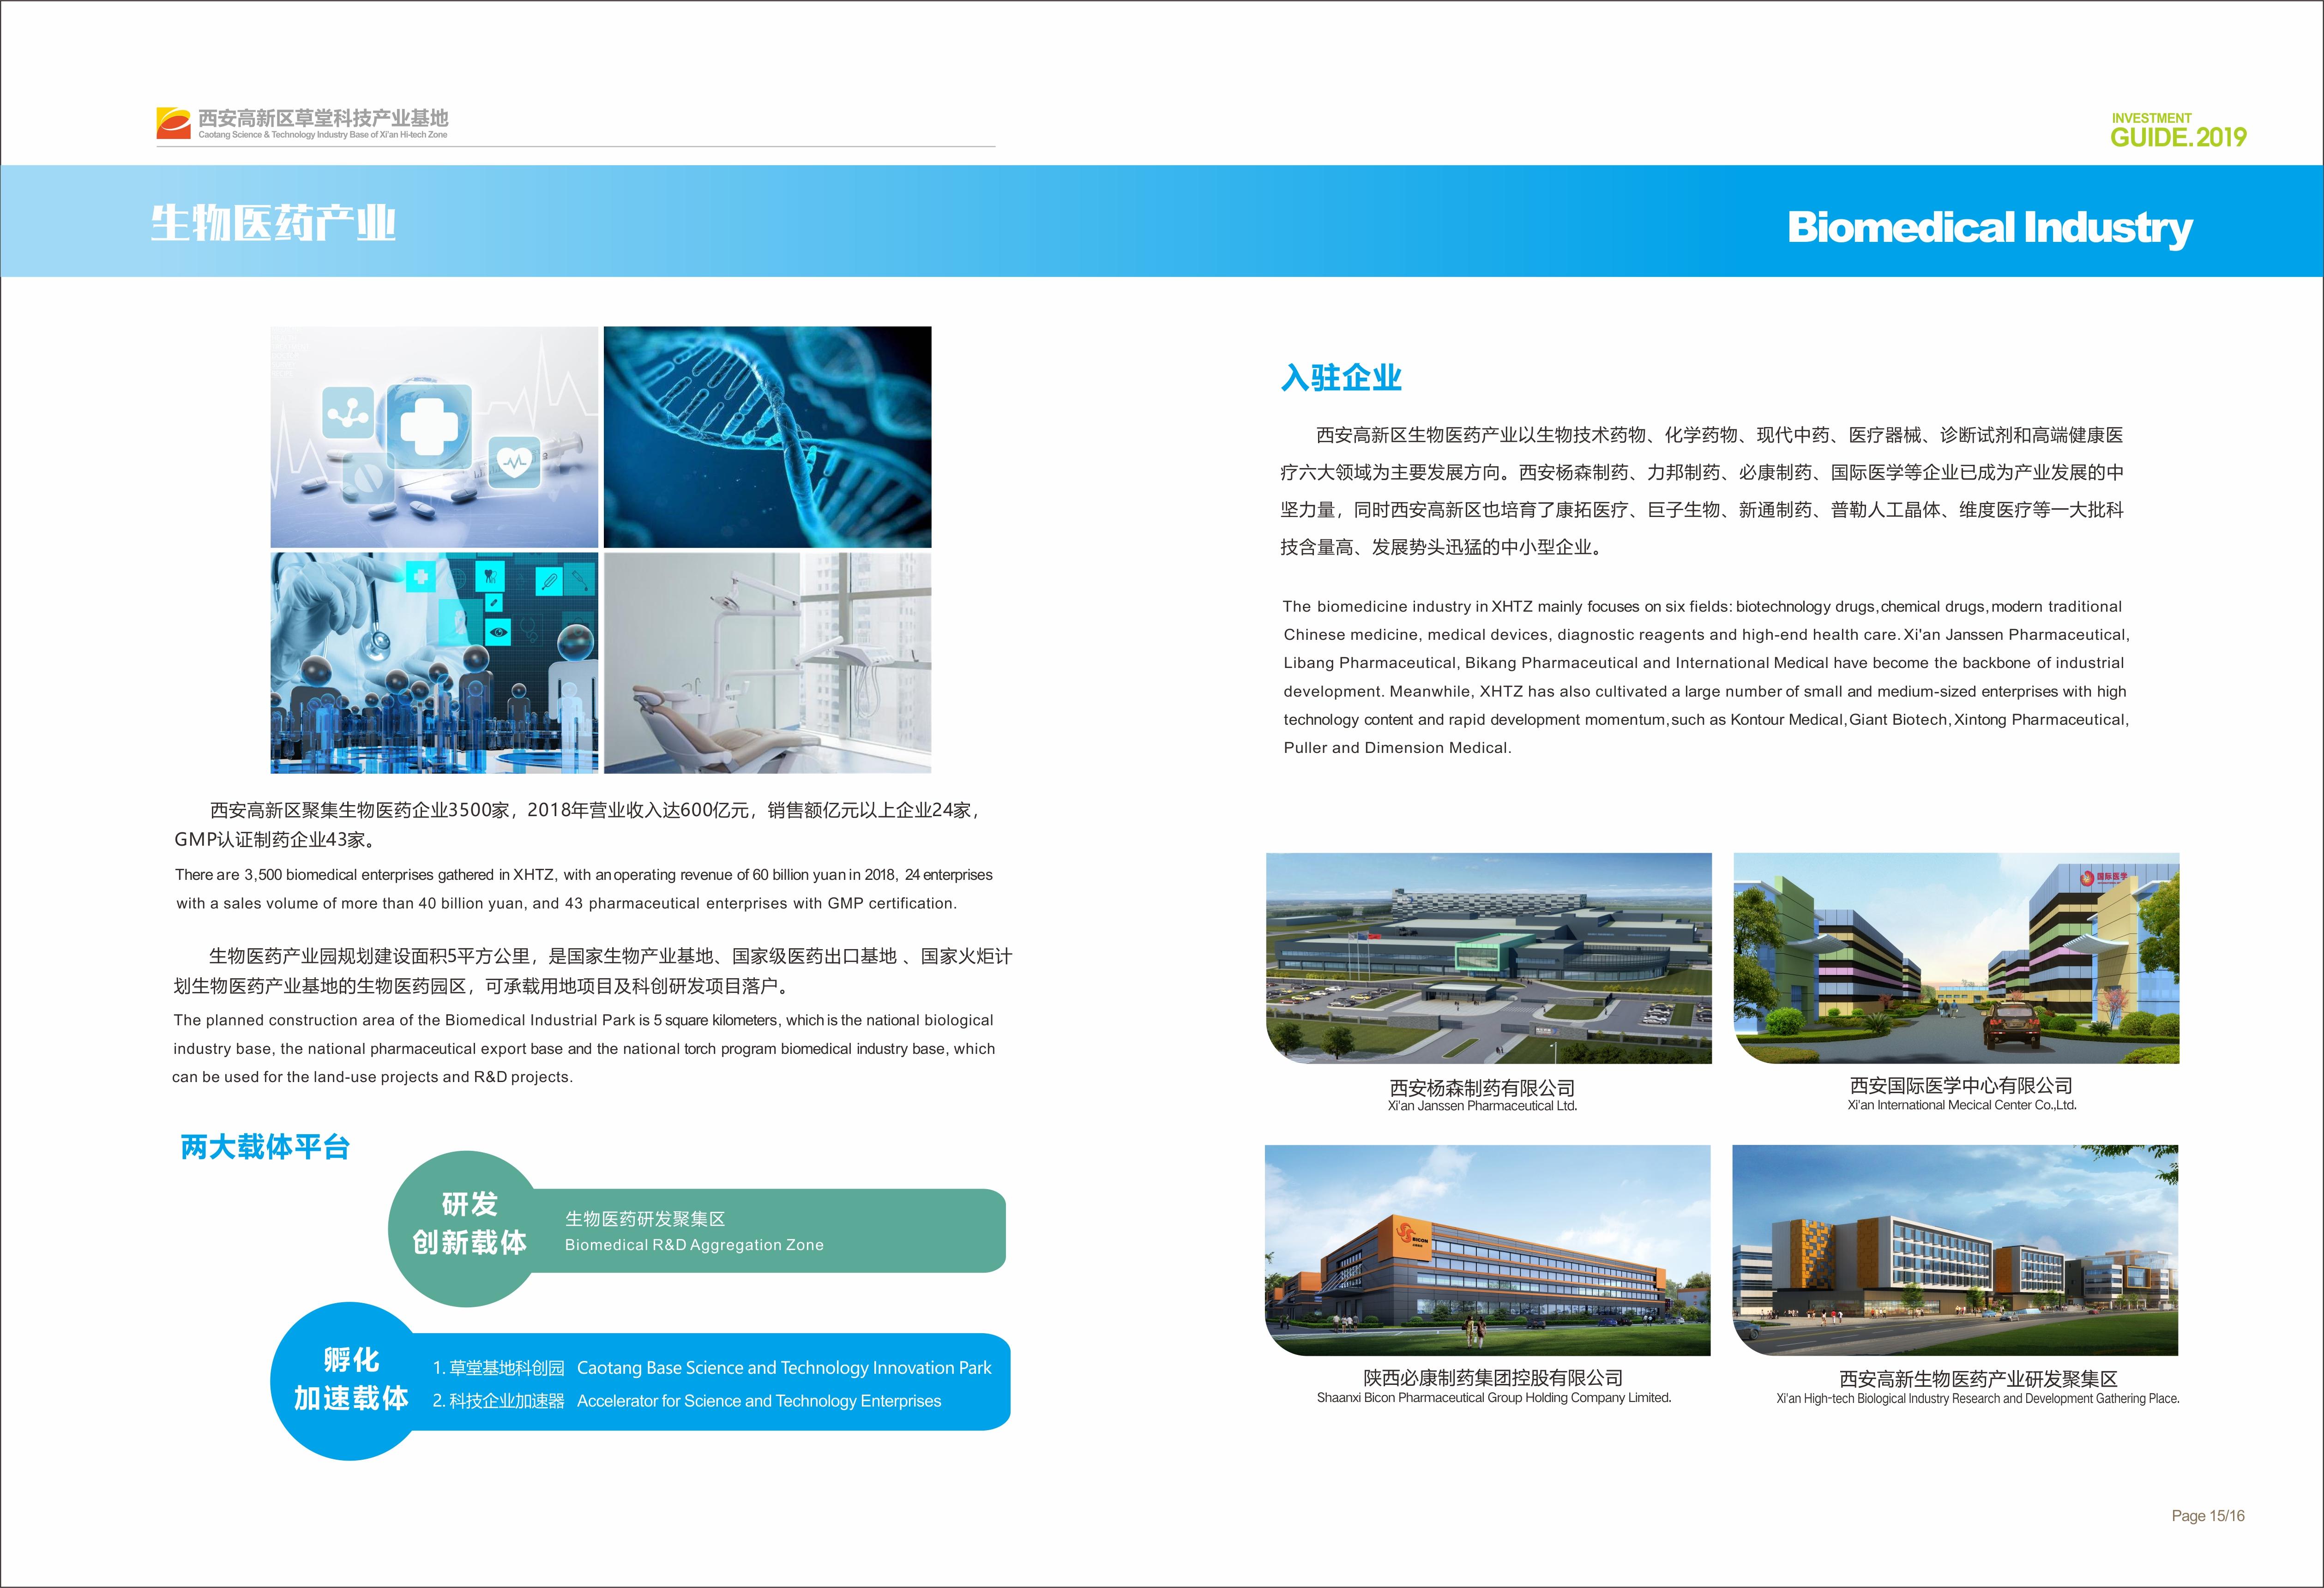 西安高新技术产业开发区草堂科技产业基地-3